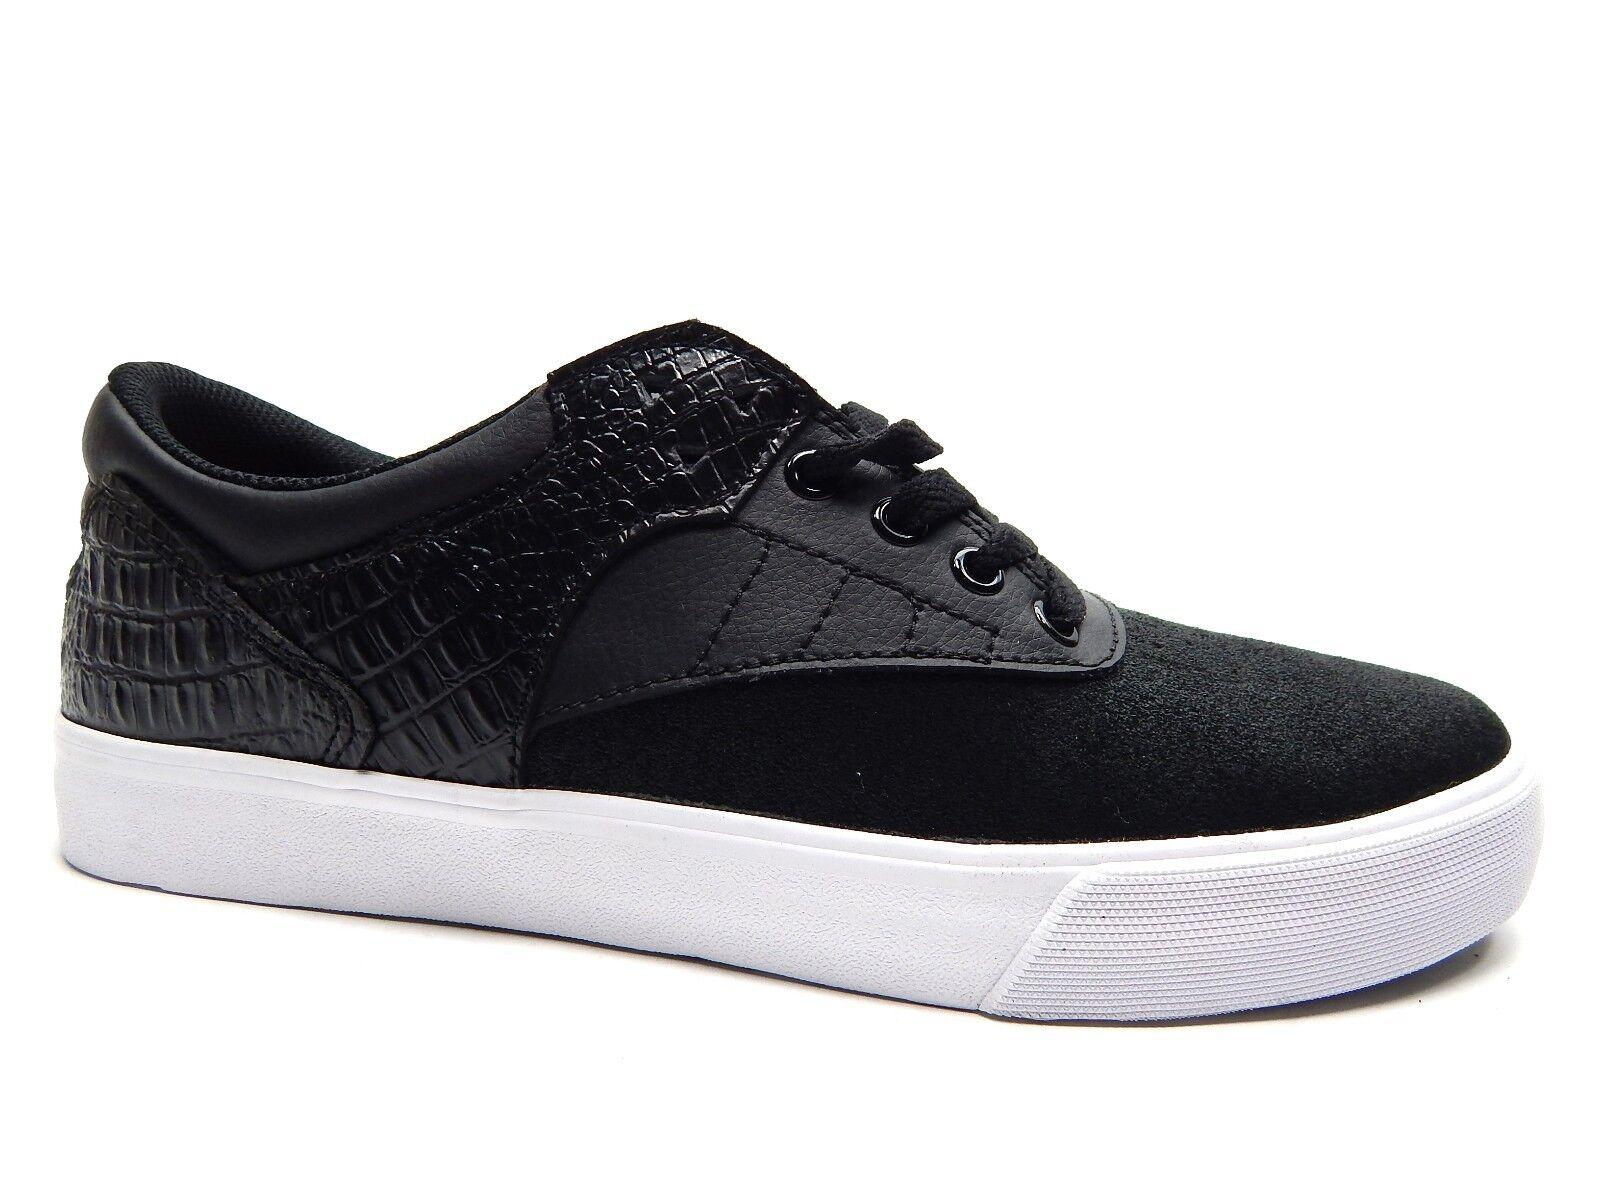 SUPRA GRIFFIN negro SNAKE blanco MEN zapatos Talla 10, 10.5 & 12